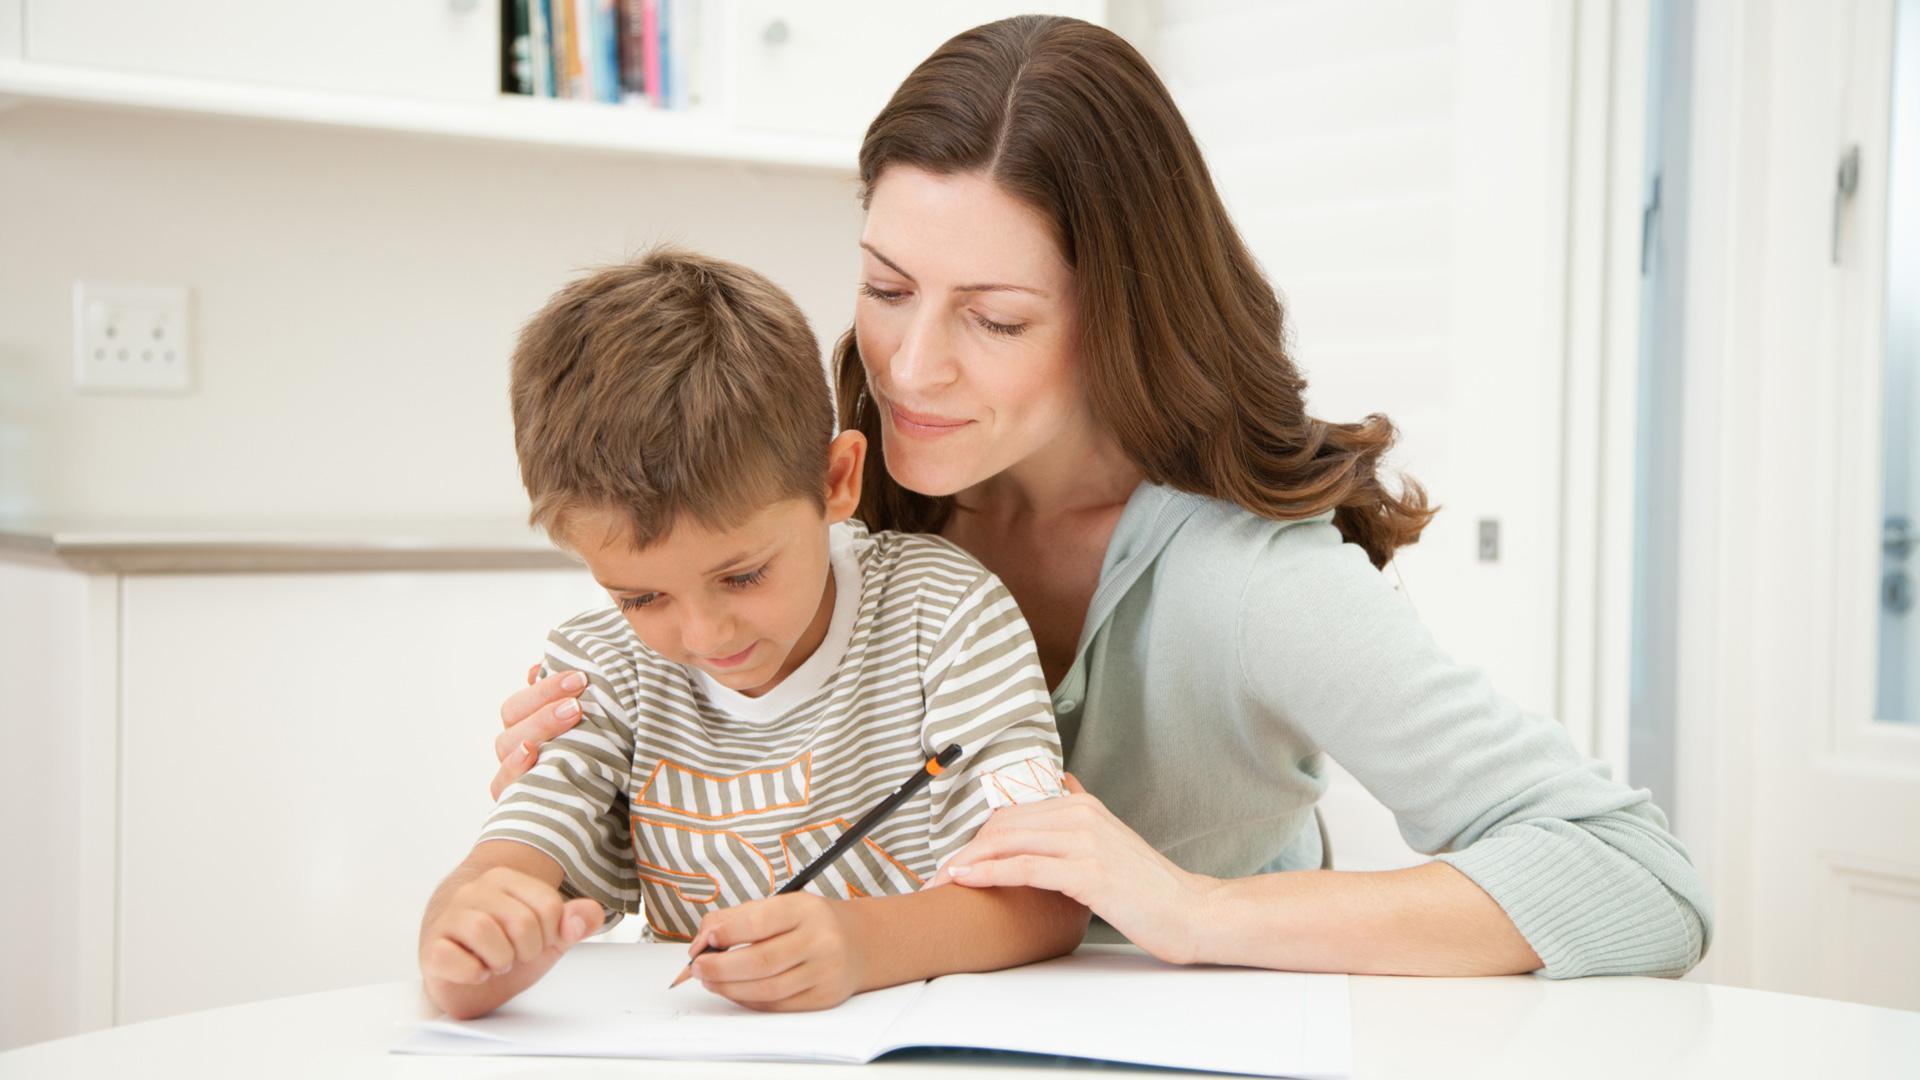 Картинка как помочь ребенку